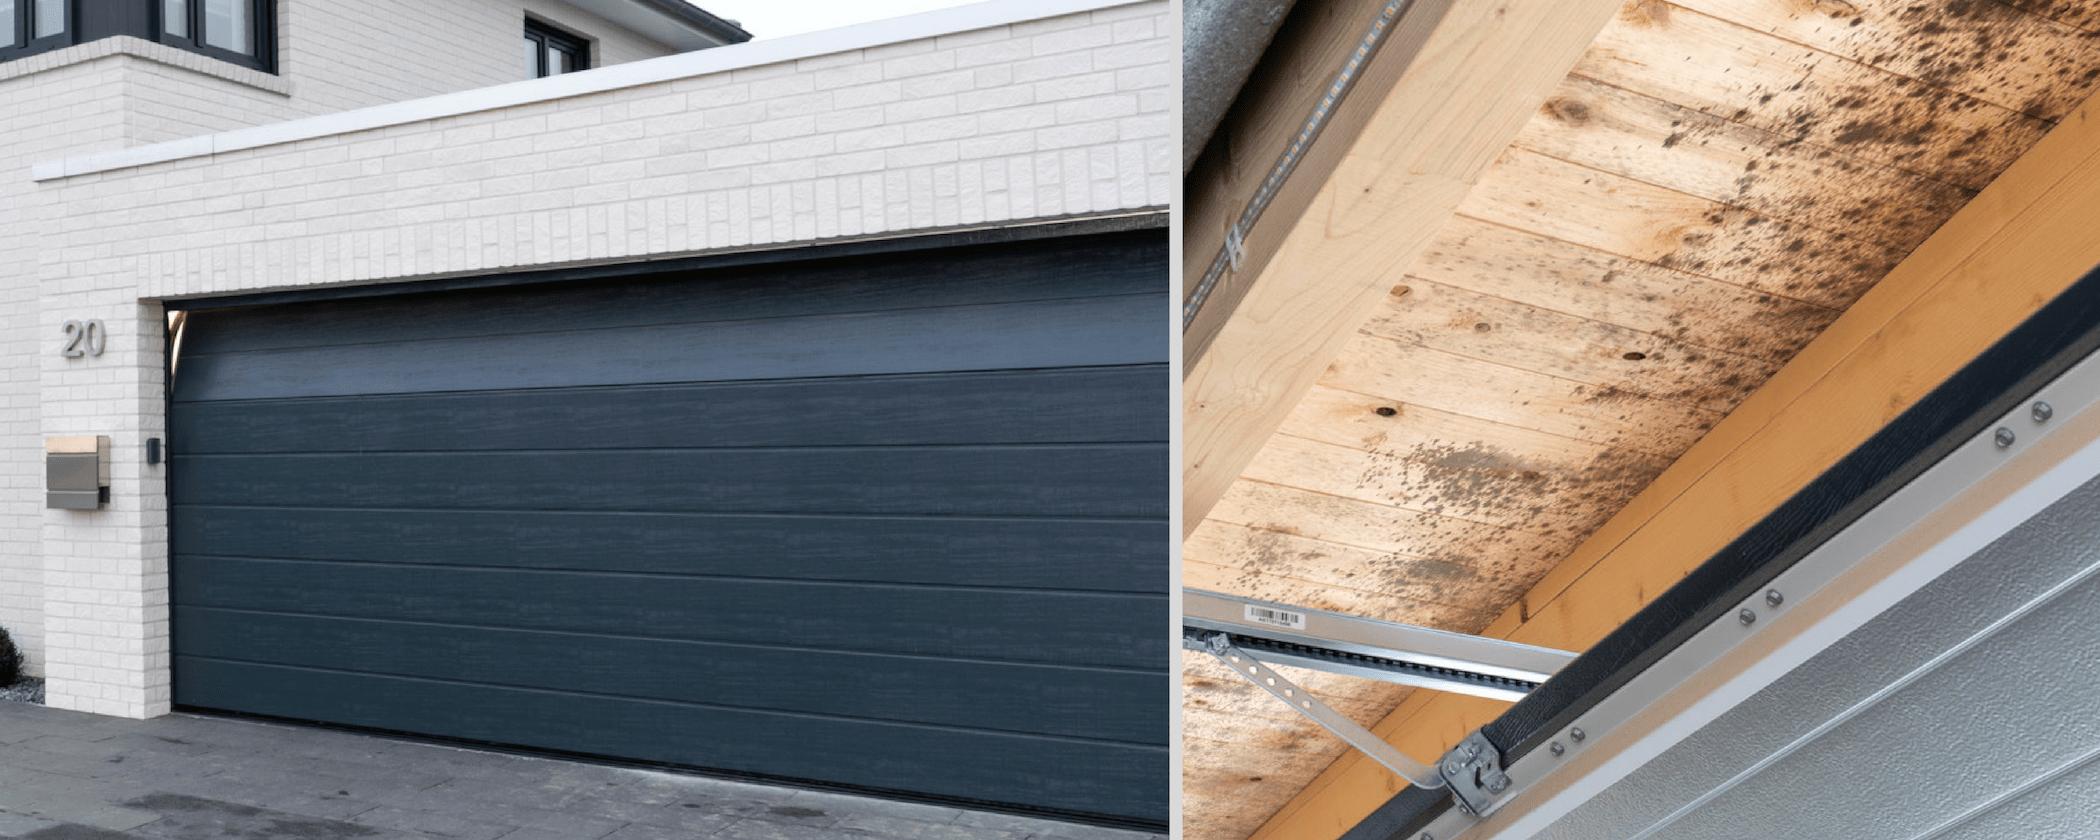 kit ventilazione garage